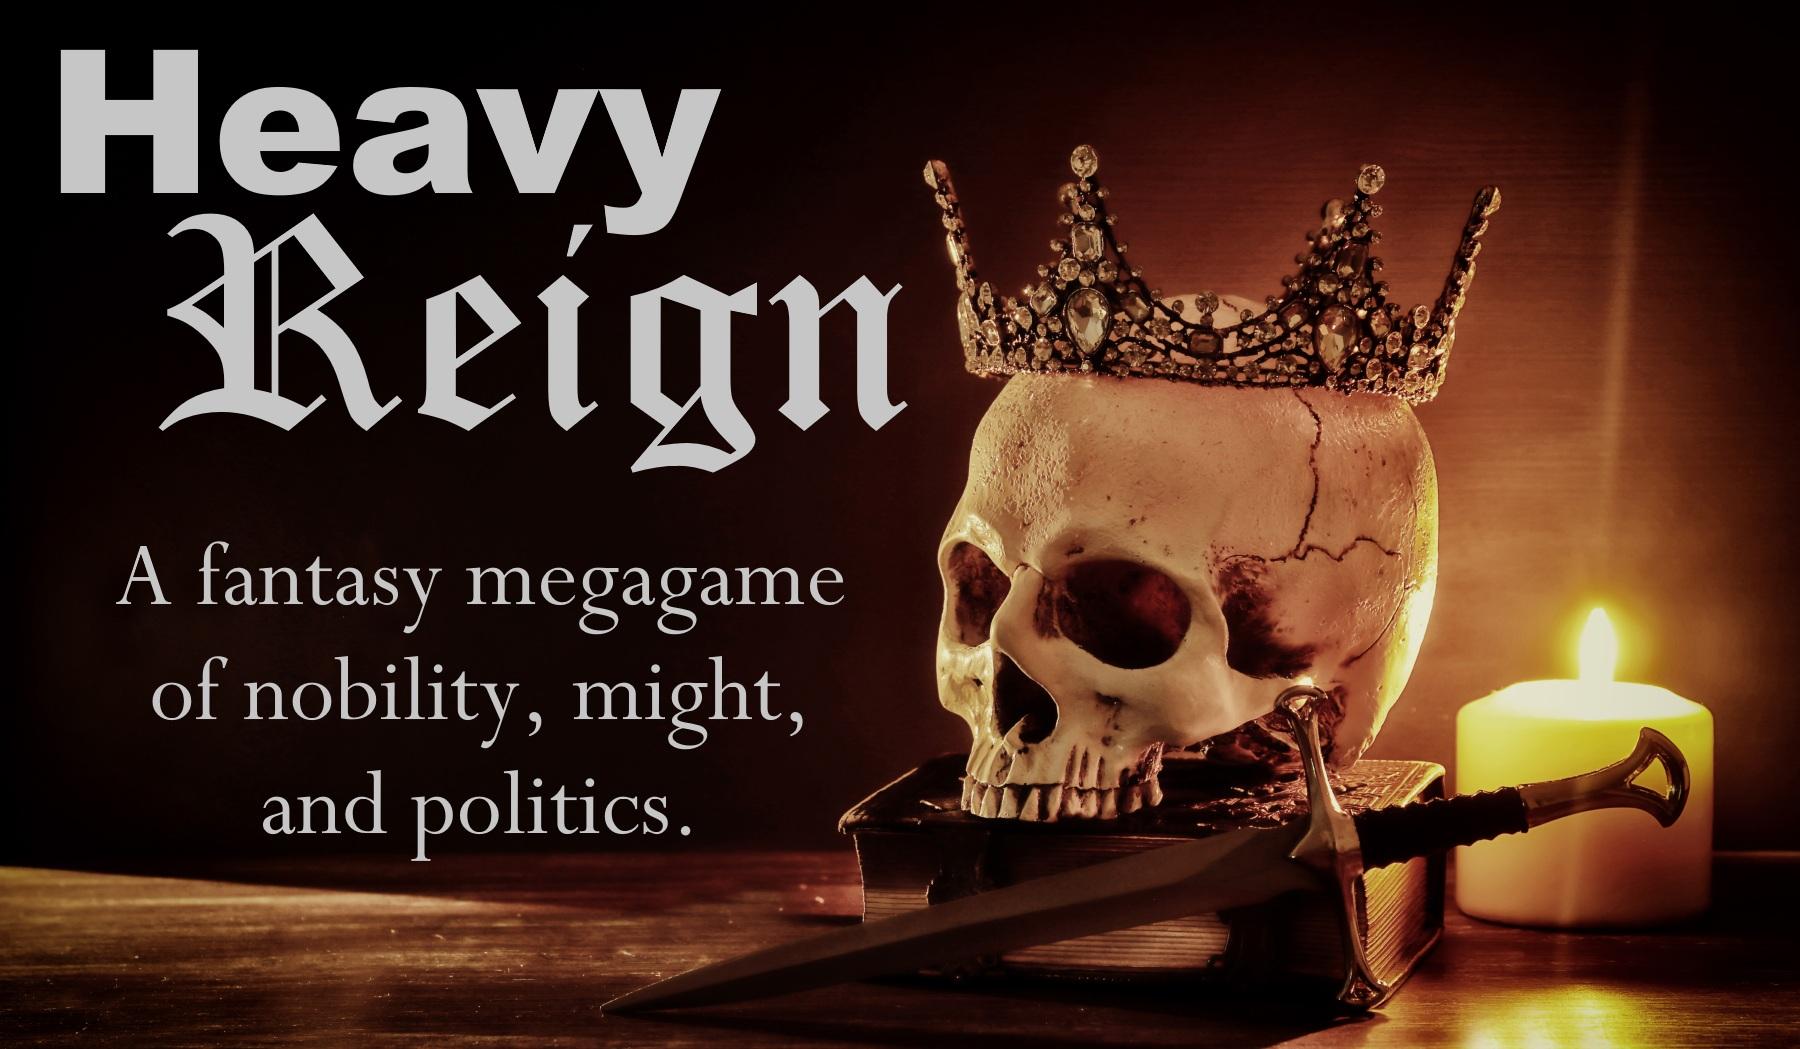 Heavy_Reign_Cover.jpg